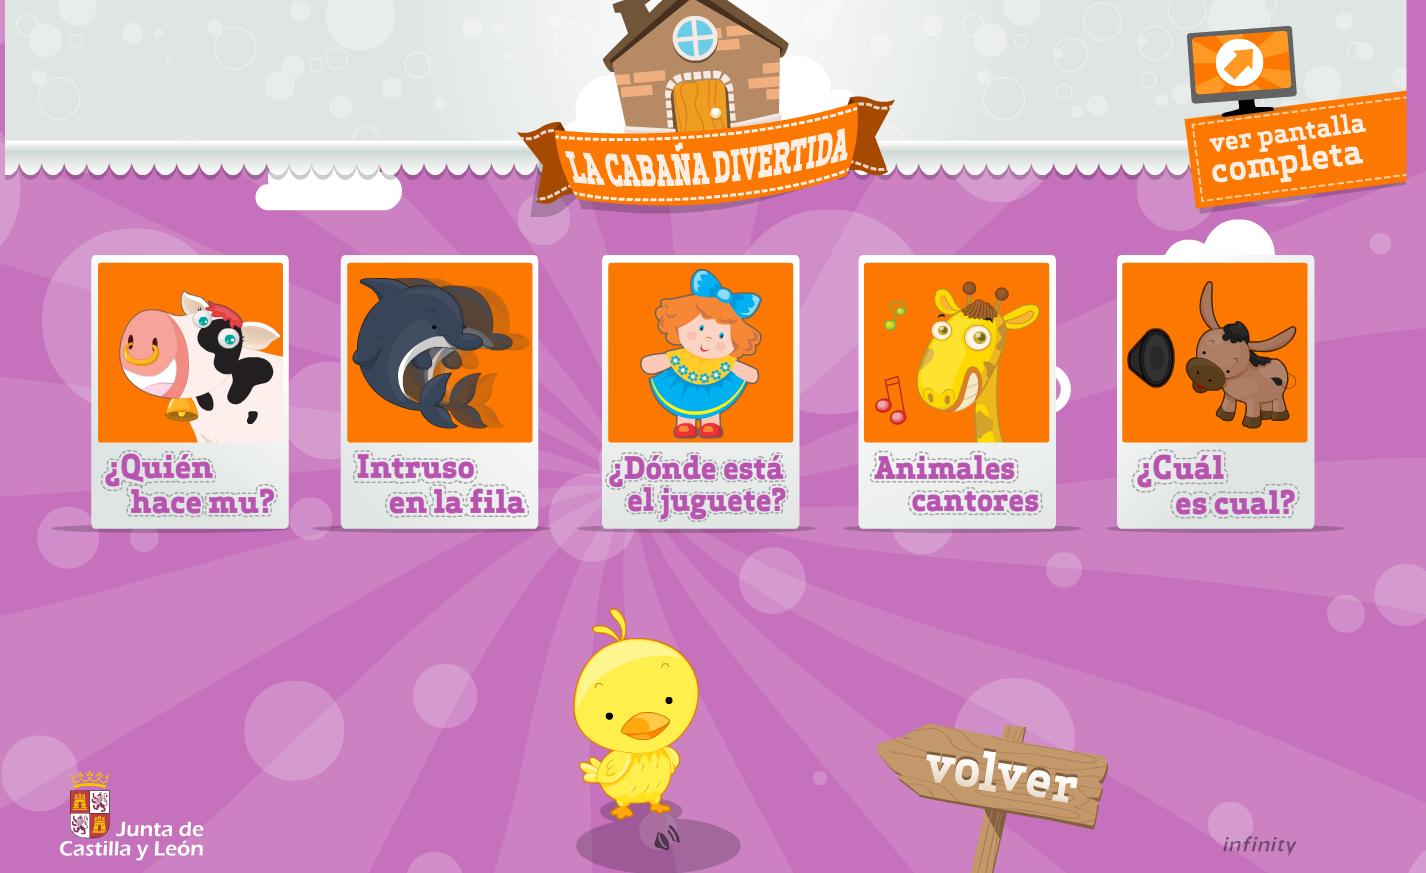 Material de isaac para educacion especial muchos juegos for La cabana divertida